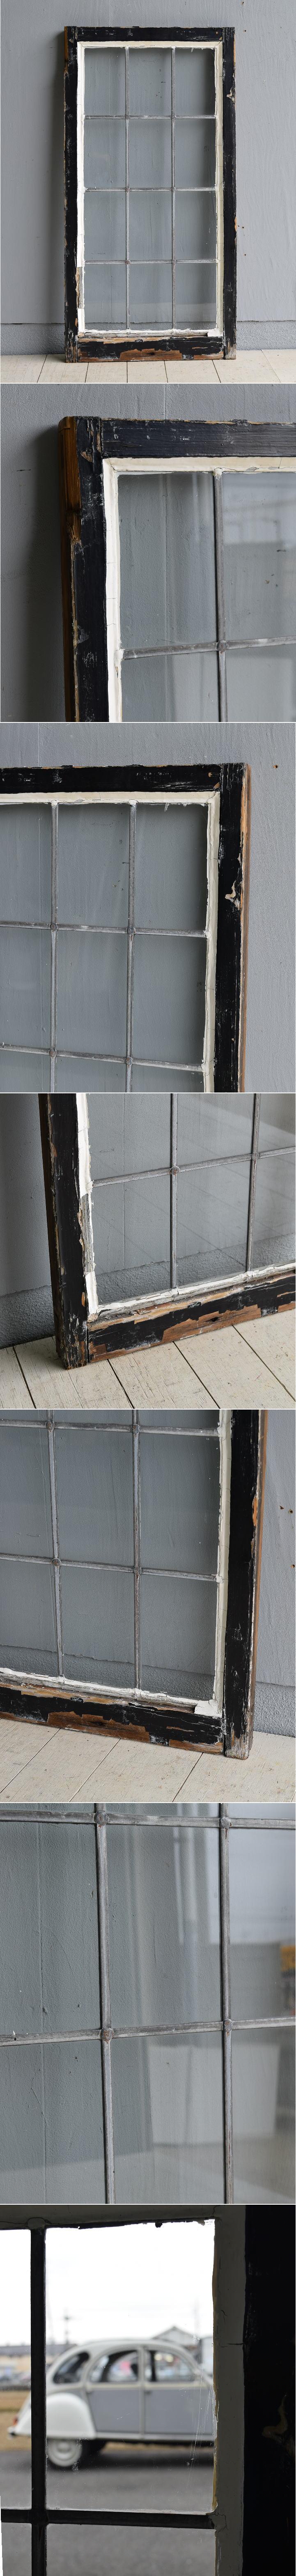 イギリス アンティーク 窓 無色透明 7822C